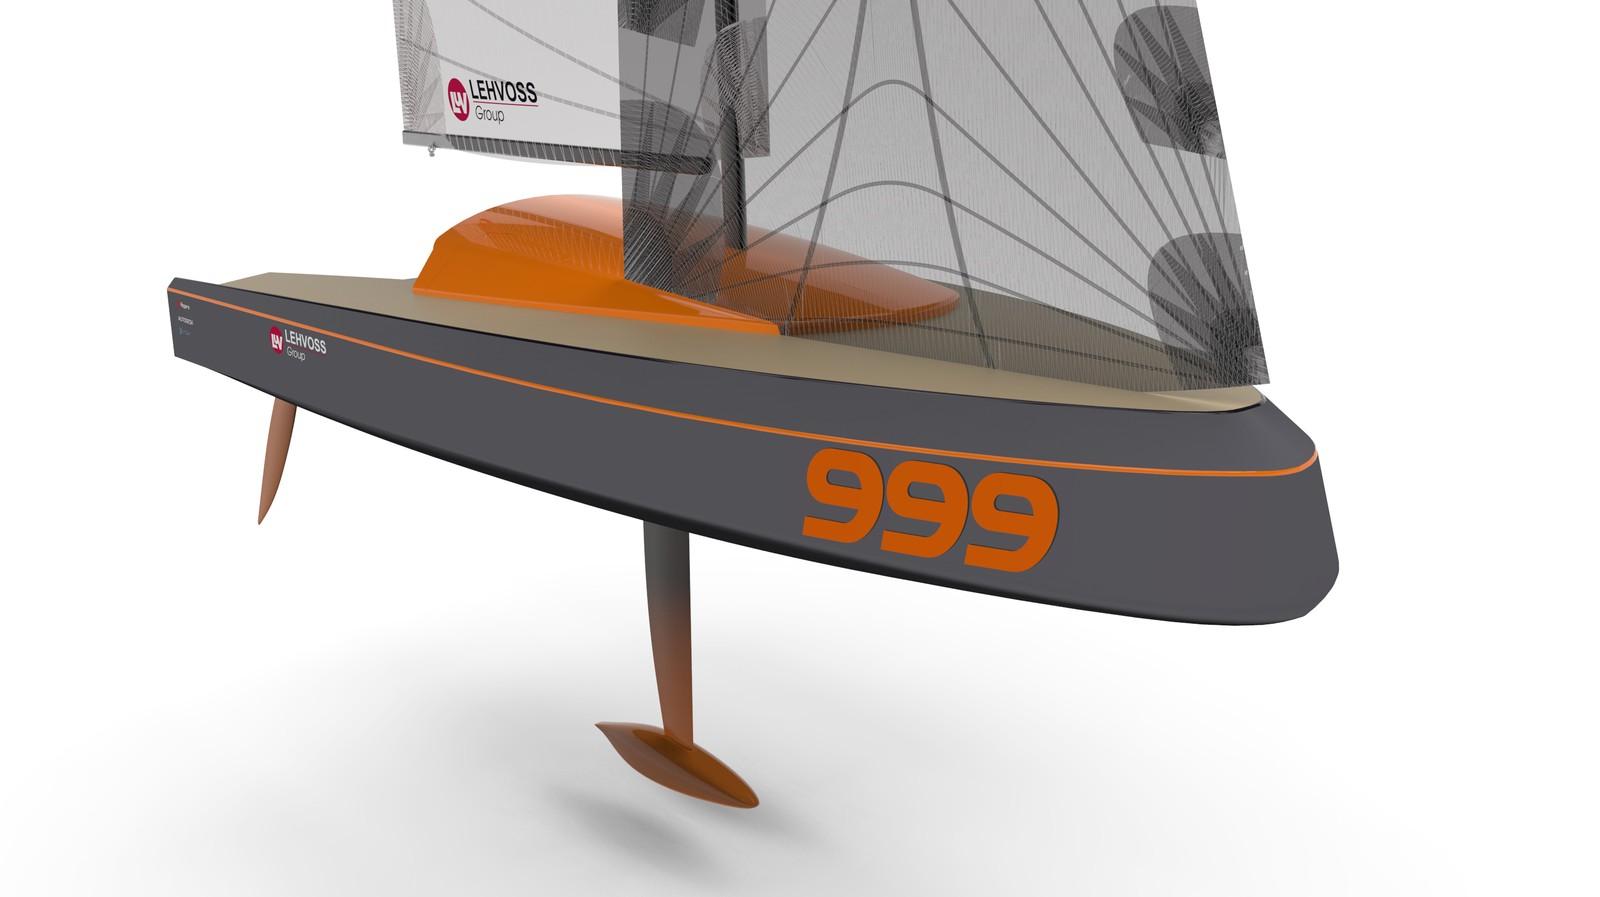 Modell des 3D-gedruckten Rennbootes von Ocore.